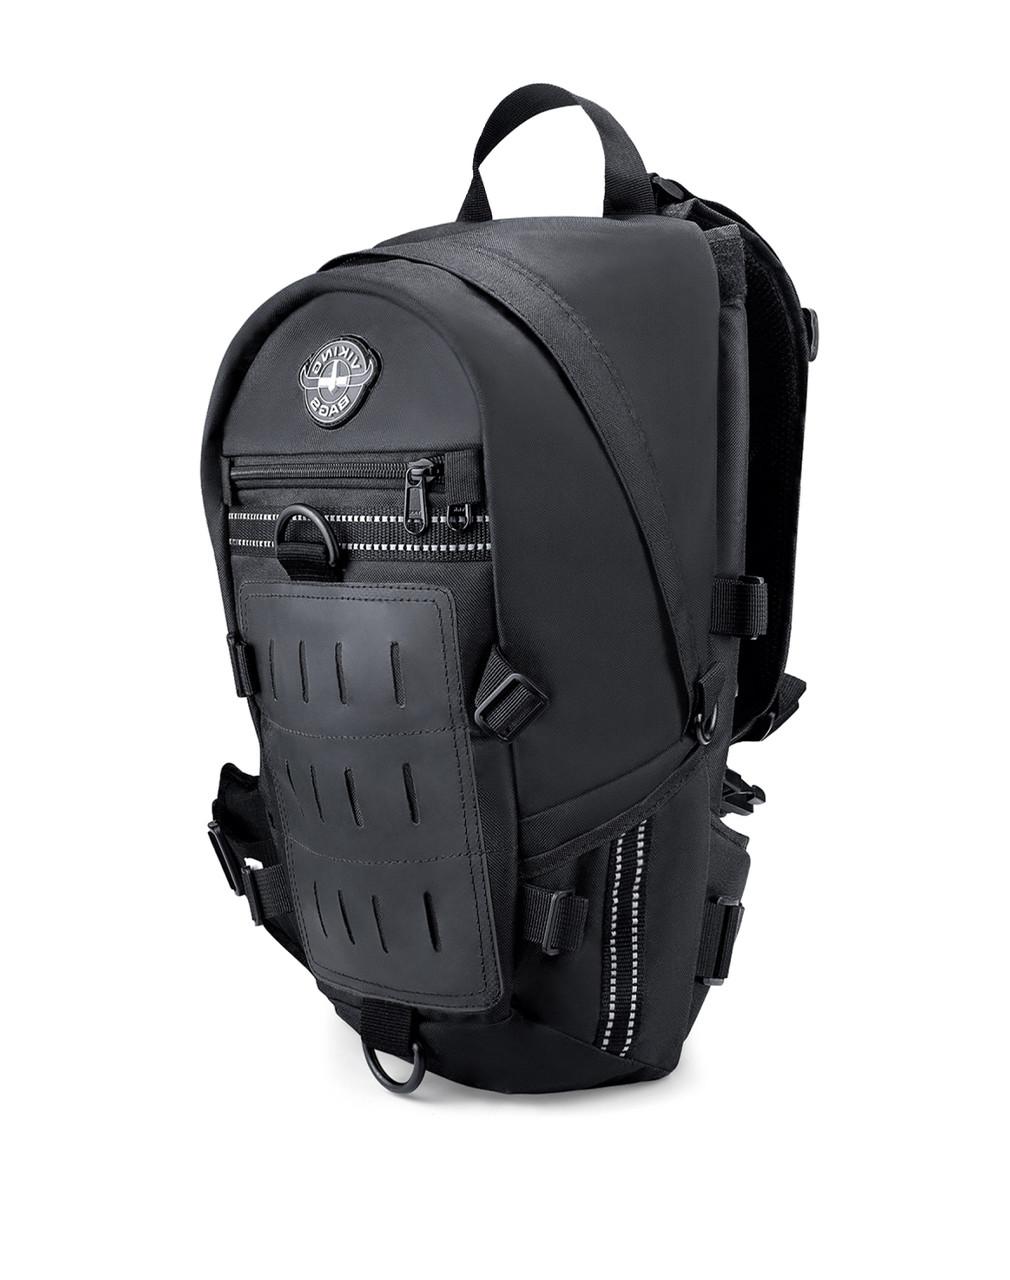 VikingBags Dirtman Medium Black Indian Motorcycle Backpack Main Bag View